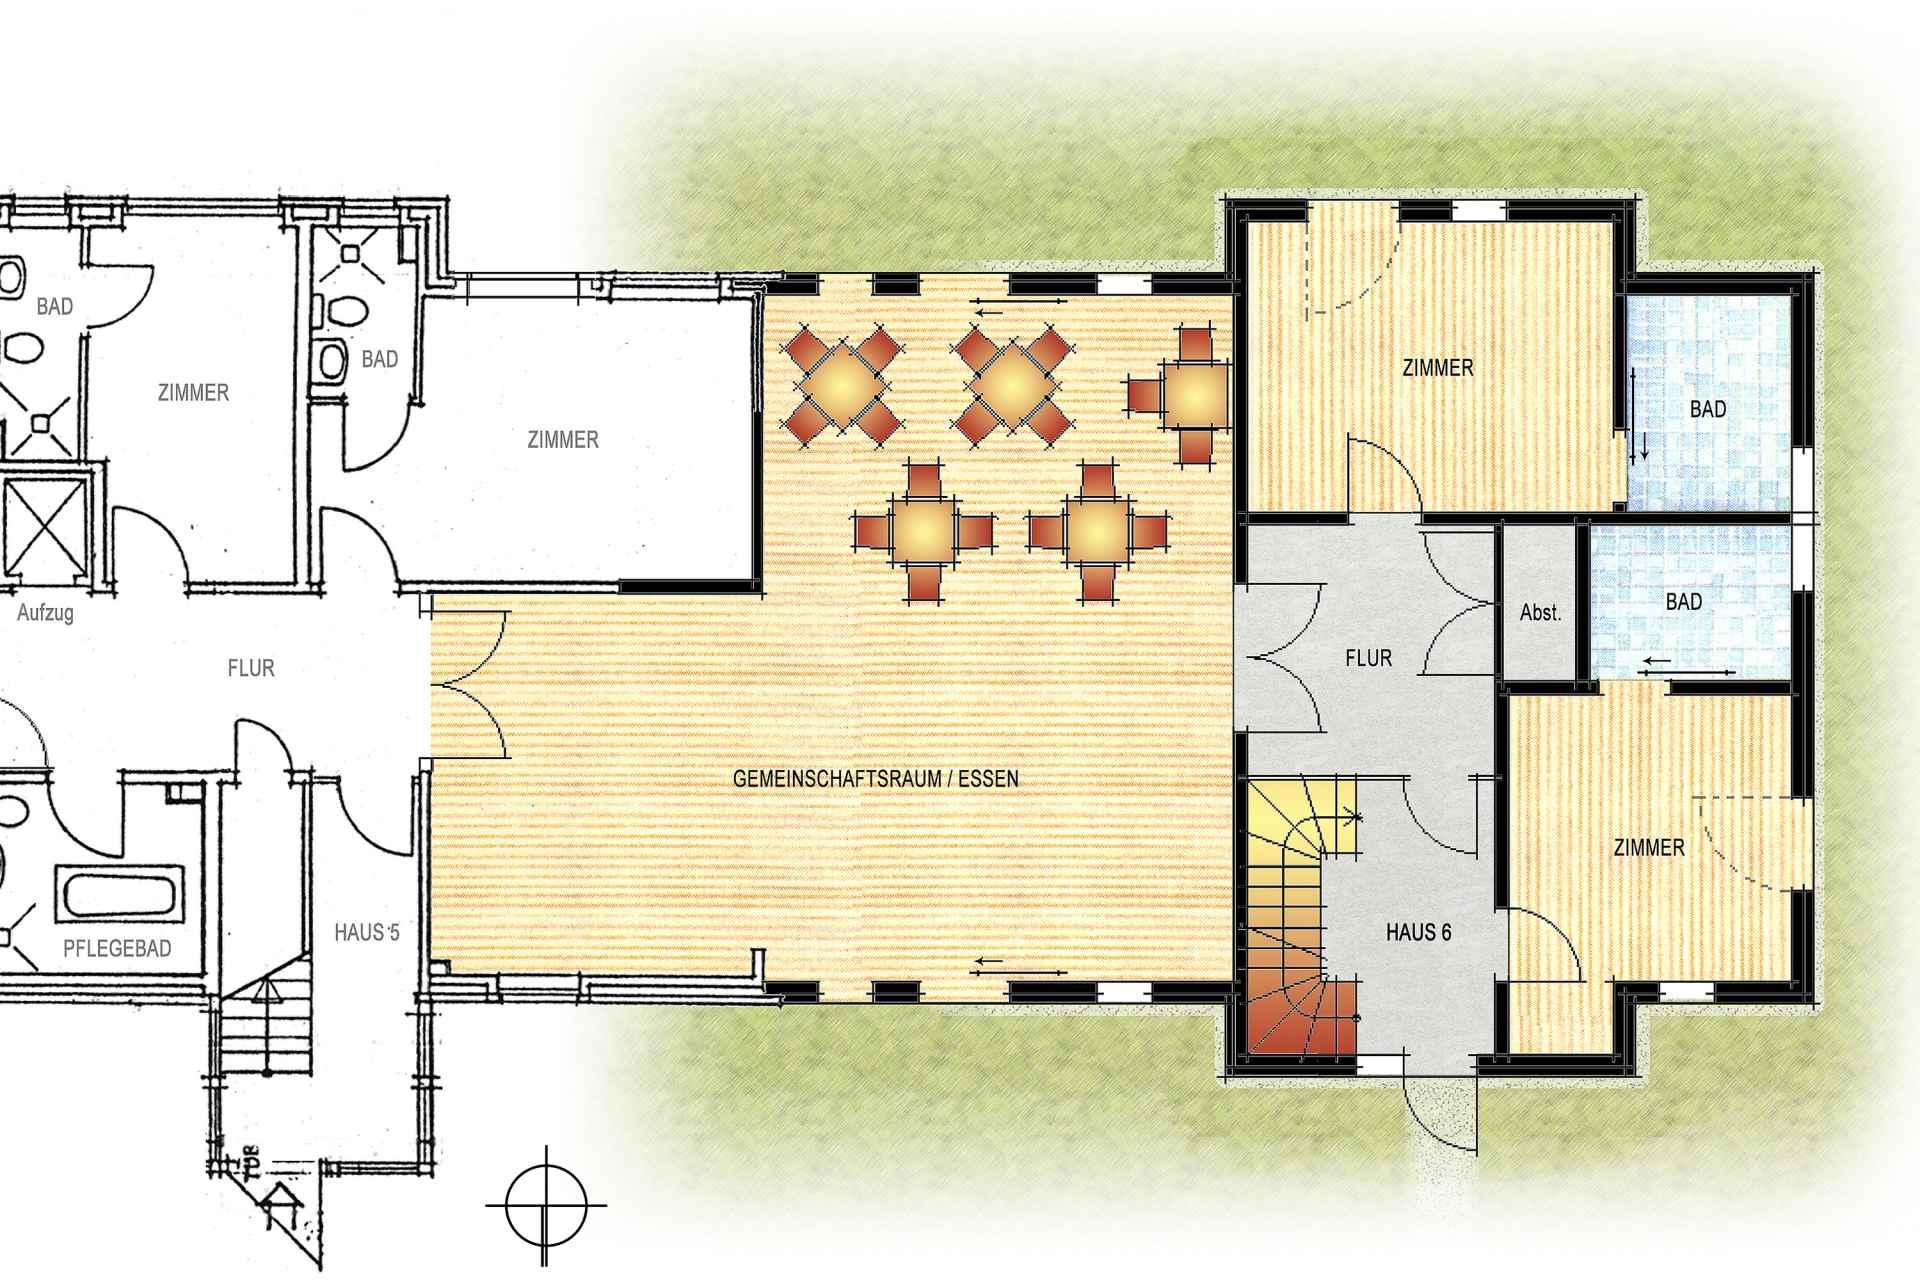 KHD (Sozial- und Sonderbauten + Umbau und Sanierung) Umbau Seniorenwohnpark